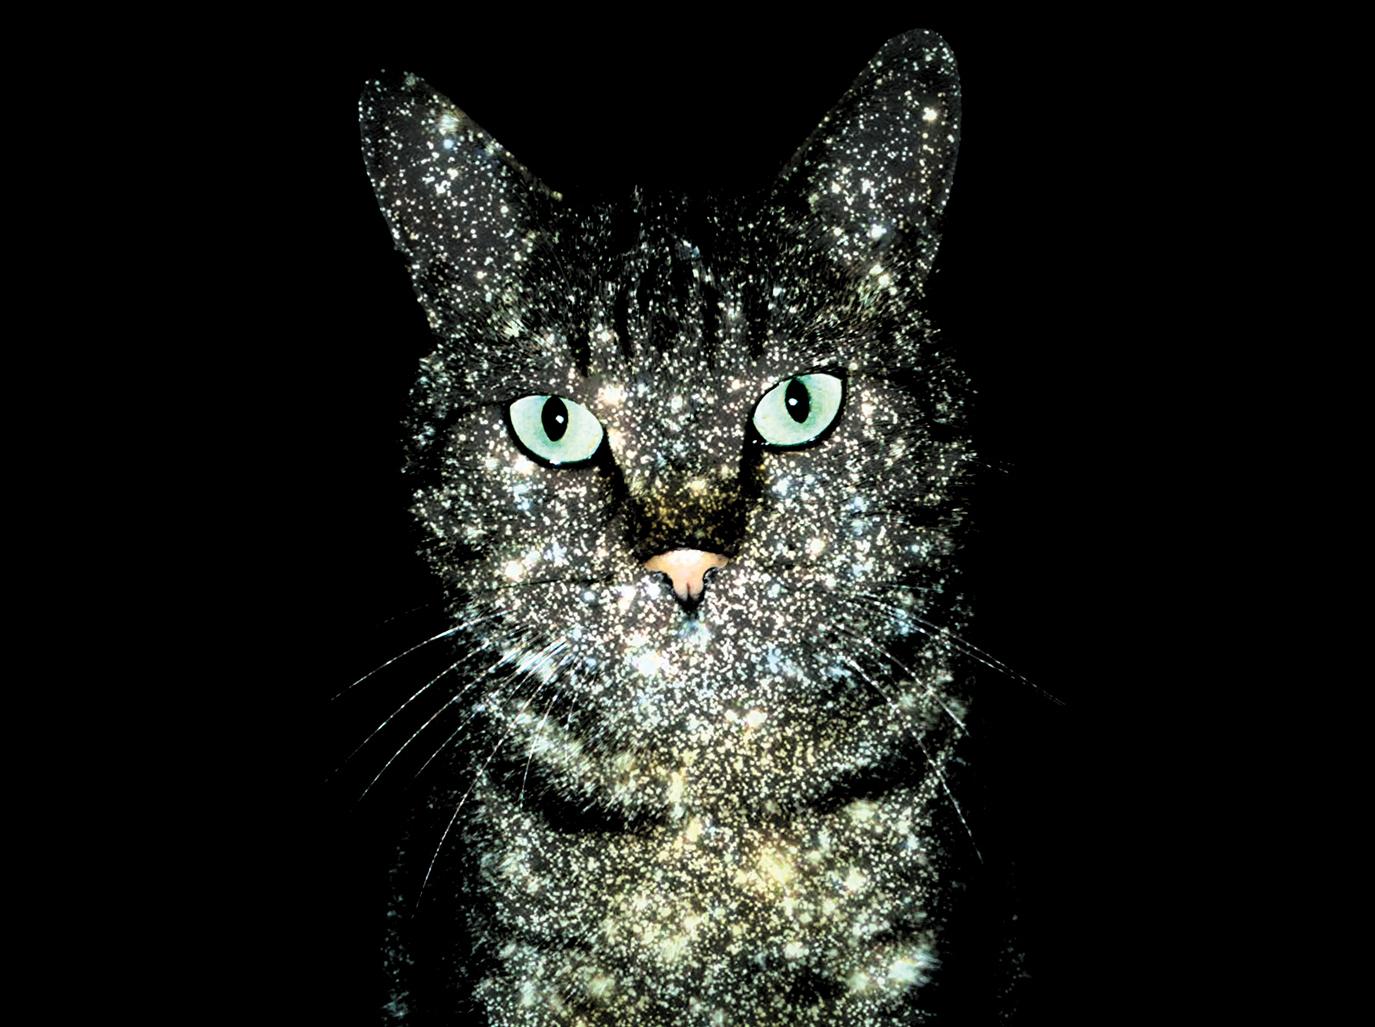 Космические коты: как совместить приятное с приятным